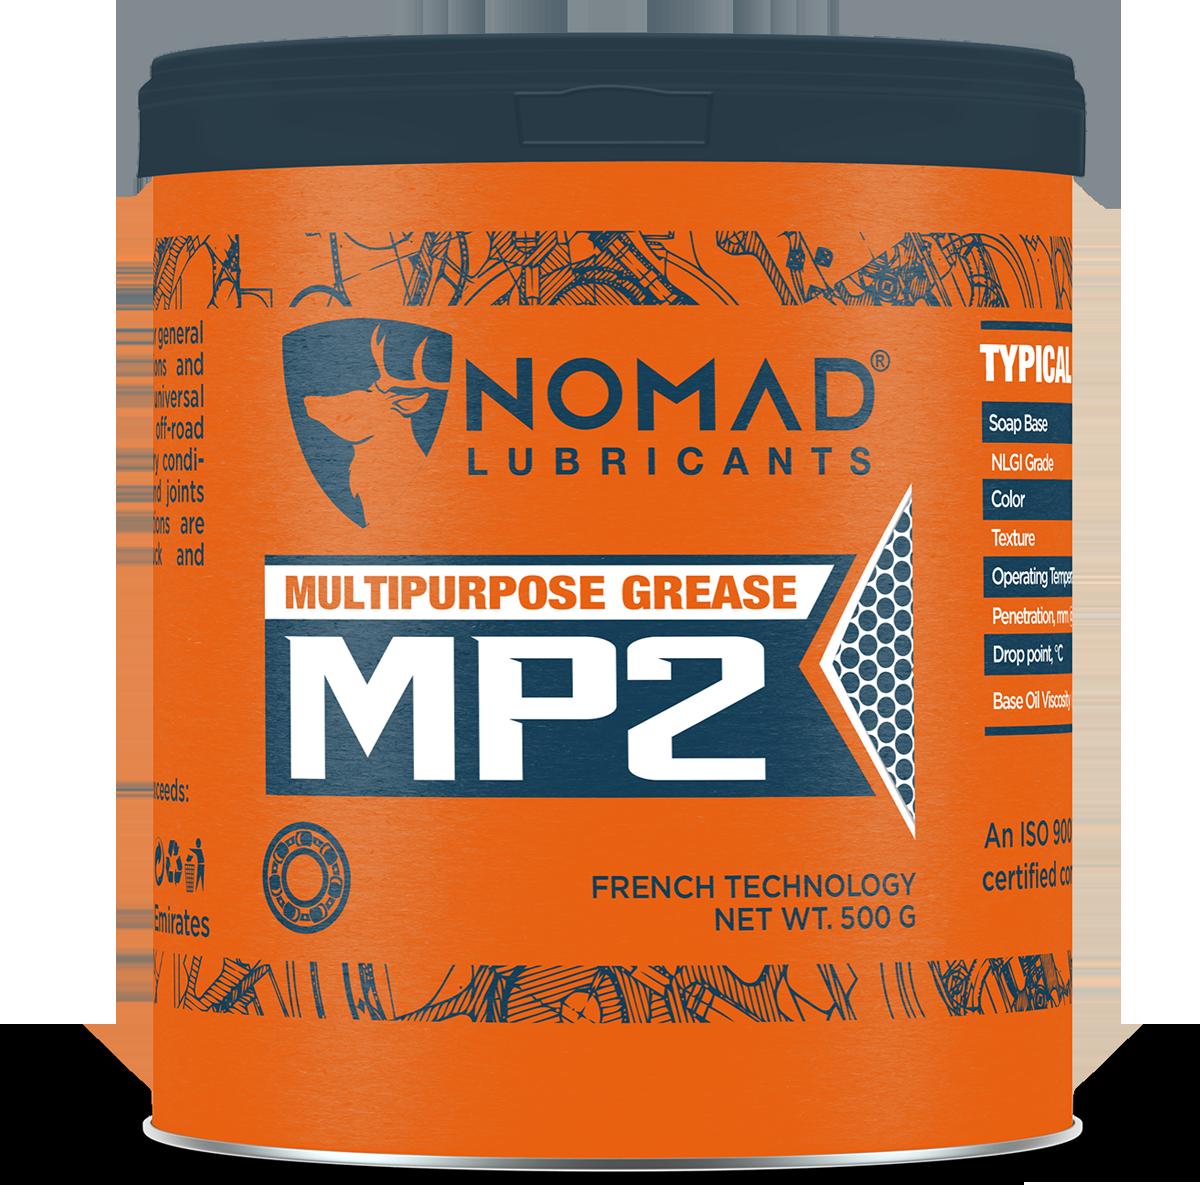 Mỡ NOMAD MP2 là loại mỡ đa năng dùng để bôi trơn thông thường trong điều kiện và tải hoạt động bình thường, được sản xuất để bôi trơn tất cả các chi tiết phổ biến trong vận chuyển, nông nghiệp và phương tiện hoạt động trên trên các địa hình gồ ghề, hoạt động trong điều kiện ẩm ướt, bụi bặm và khô. Bôi trơn tất cả các loại vòng bi và khớp trong nhiệt độ và điều kiện tải là bình thường. Thích hợp cho bạc đạn, chén cổ, … Được pha chế từ dầu gốc nhóm cao đi kèm phụ gia bôi trơn cao cấp tạo nên đặc tính chịu nhiệt lên đến 200 độ C. Thành phần và hàm lượng phụ gia sẽ quyết định những tính chất riêng của mỡ bôi trơn đa dụng.